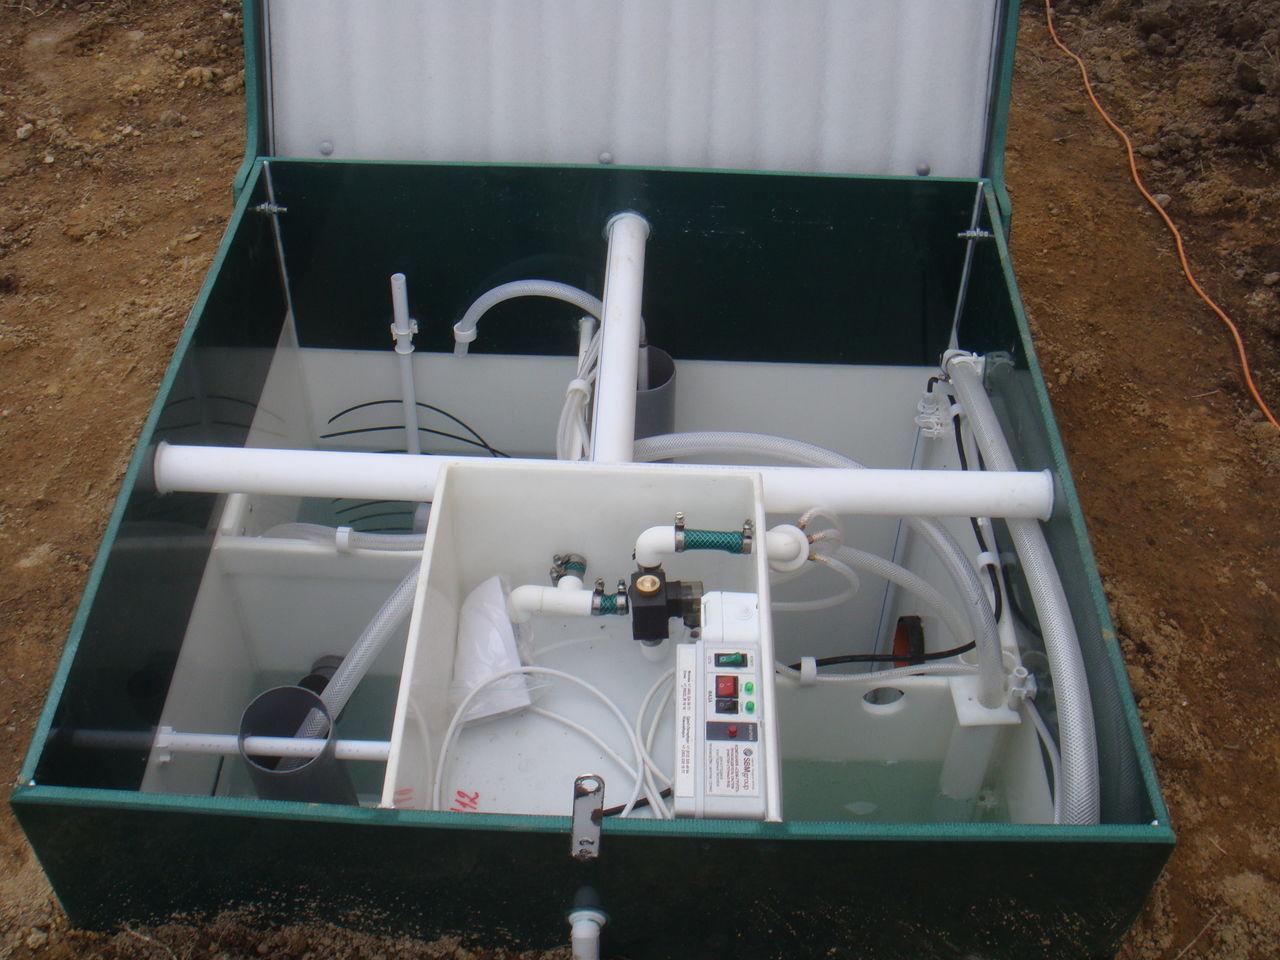 Станция биологической очистки занимает мало места на участке и может быть установлена в любой его части.